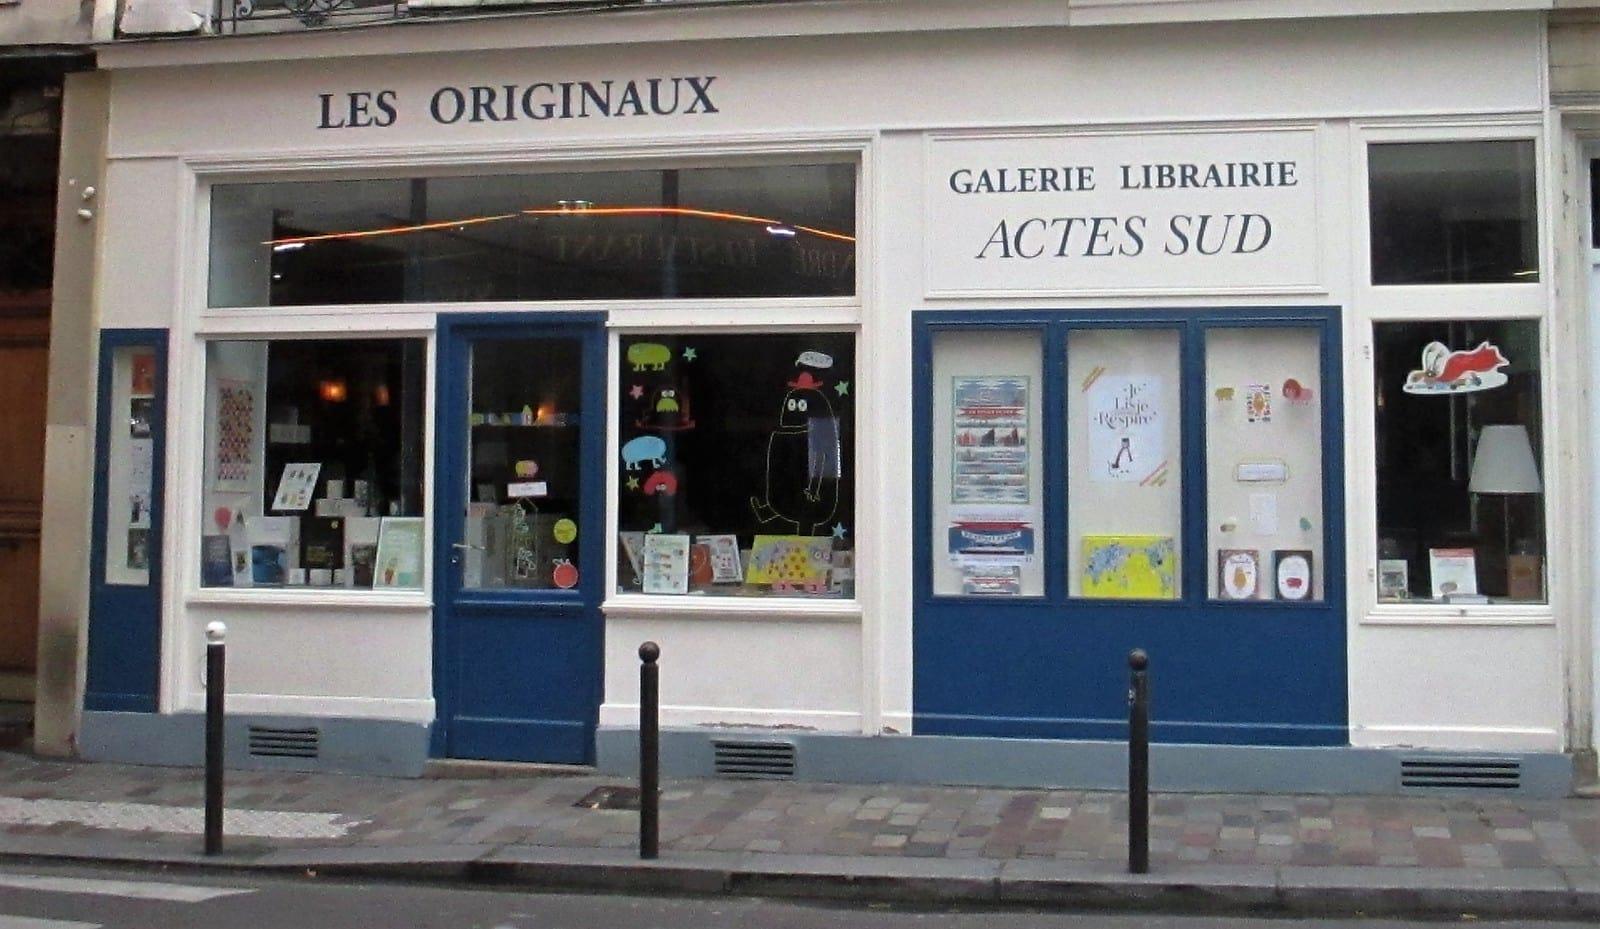 16bc96321e724 .com, era o nome de uma loja na Rue Jacob por onde passei hoje à tarde. A  loja estava para alugar. Provavelmente o negócio de realizar o sonho de  quem quer ...